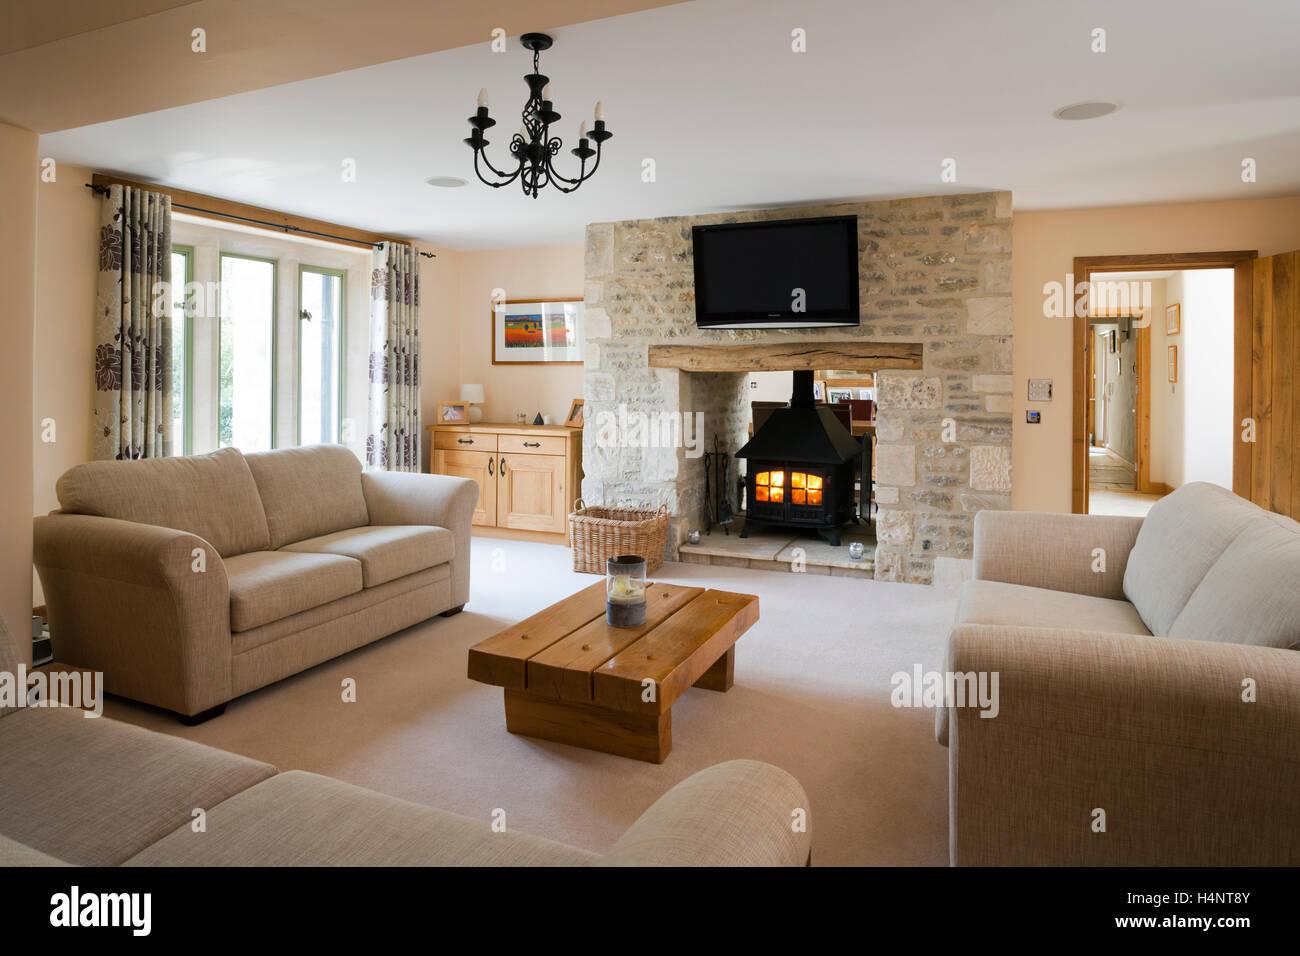 Elegant Eine Große Scheune Konvertierung Wohnzimmer